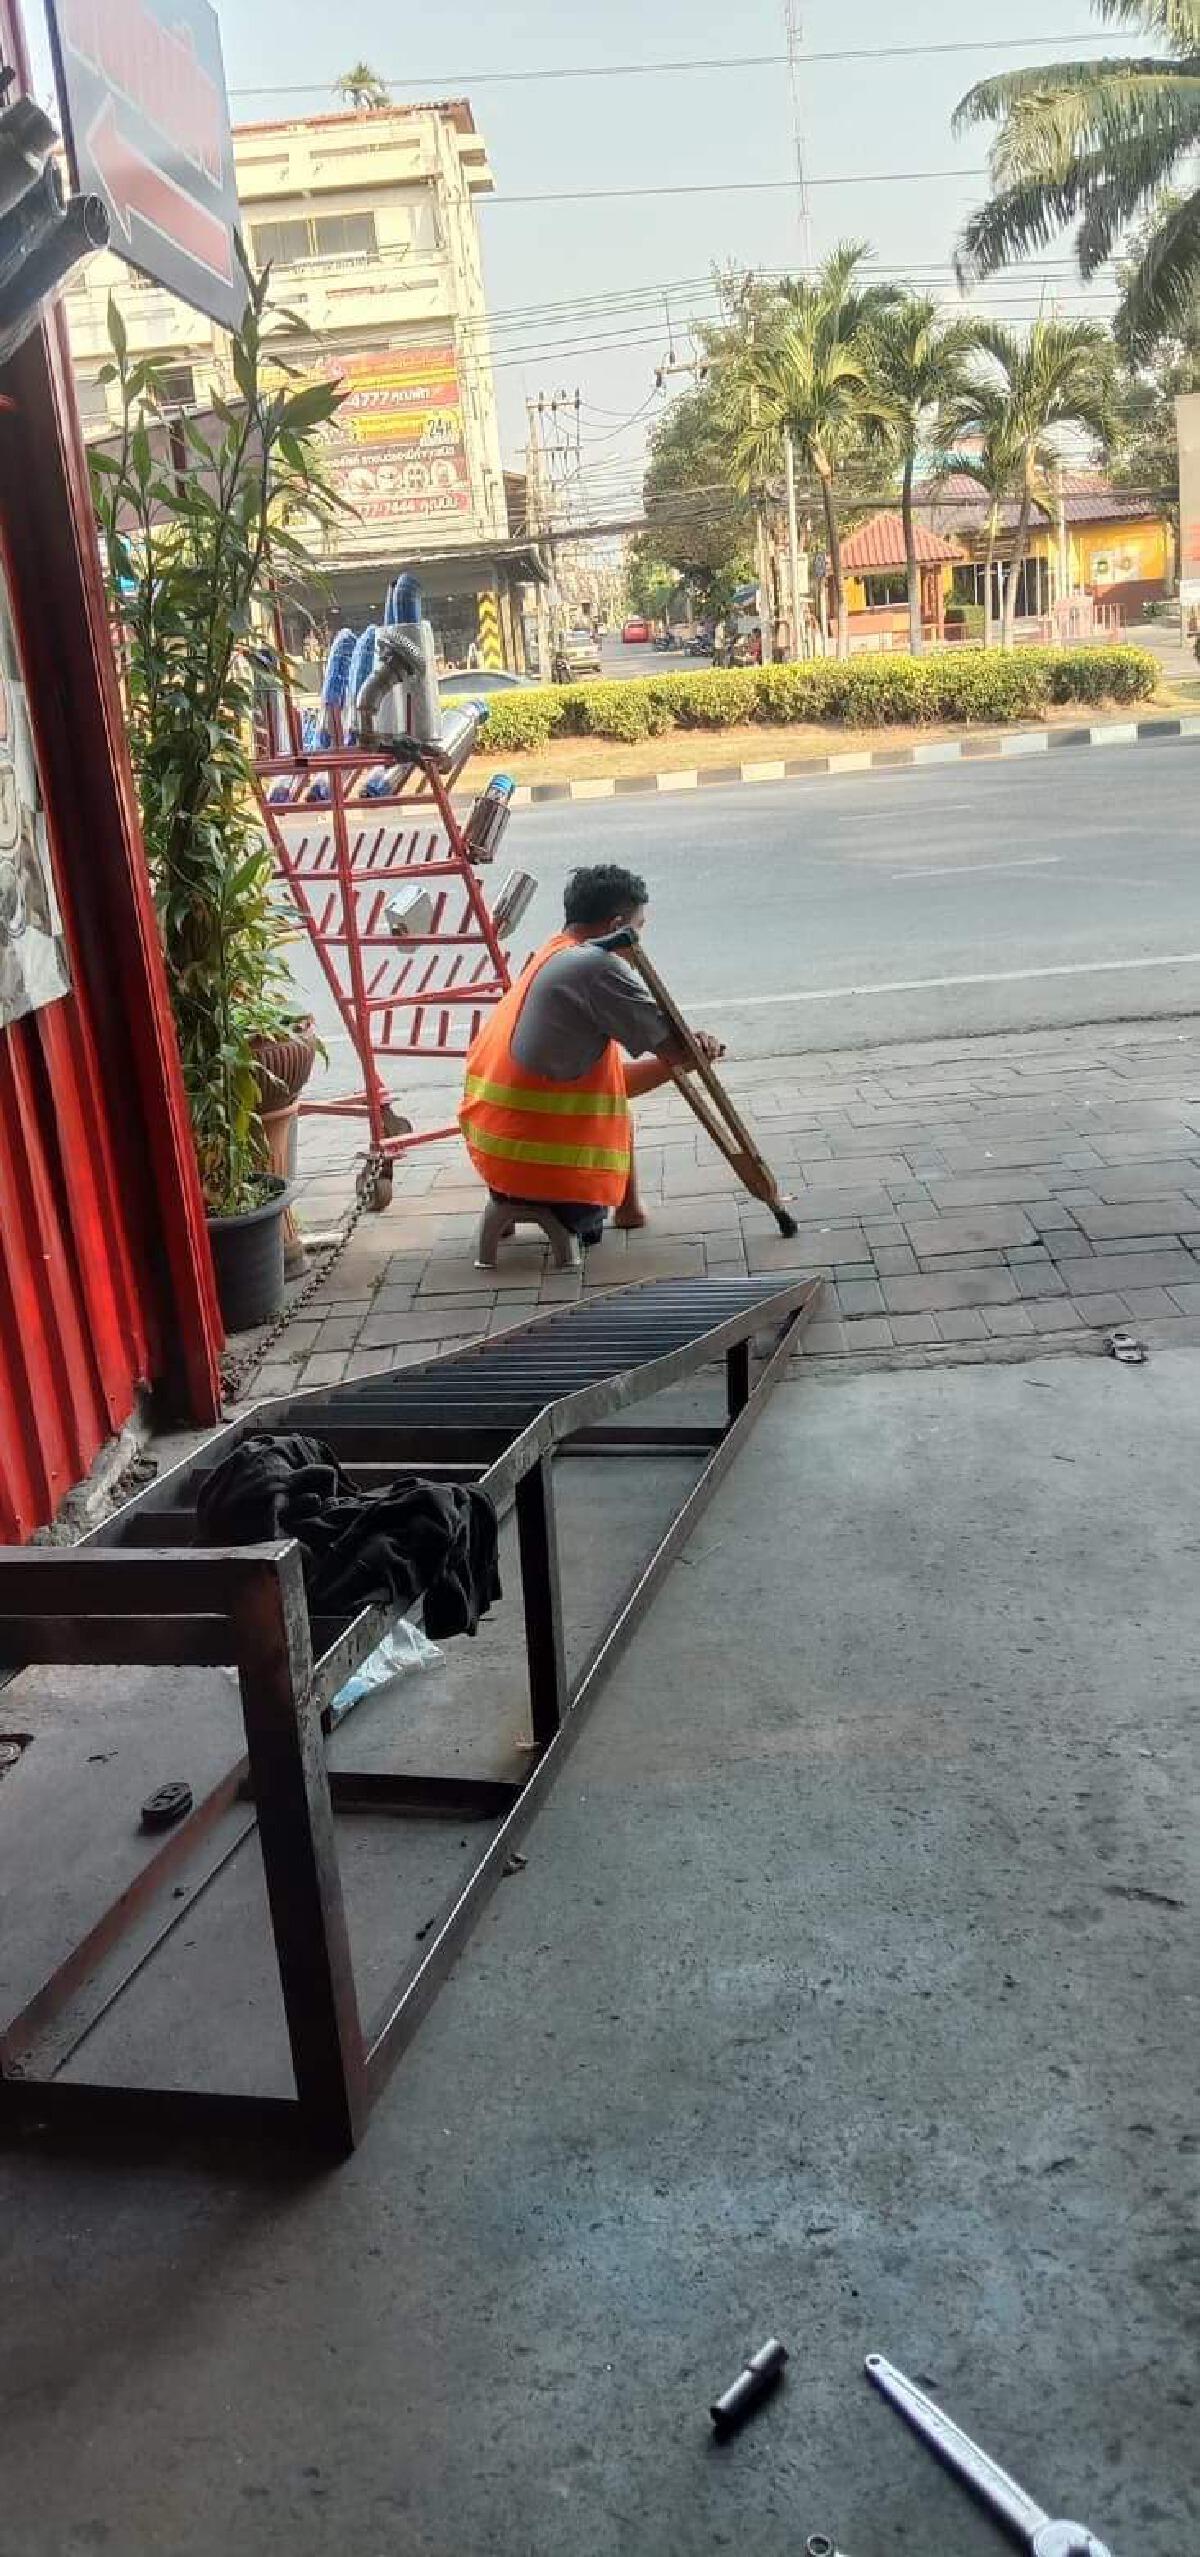 โซเชียลแห่ชื่นชม ร้านท่อรถยนต์ ช่วยซ่อมท่อมอไซค์ให้ชายพิการไม่คิดตัง